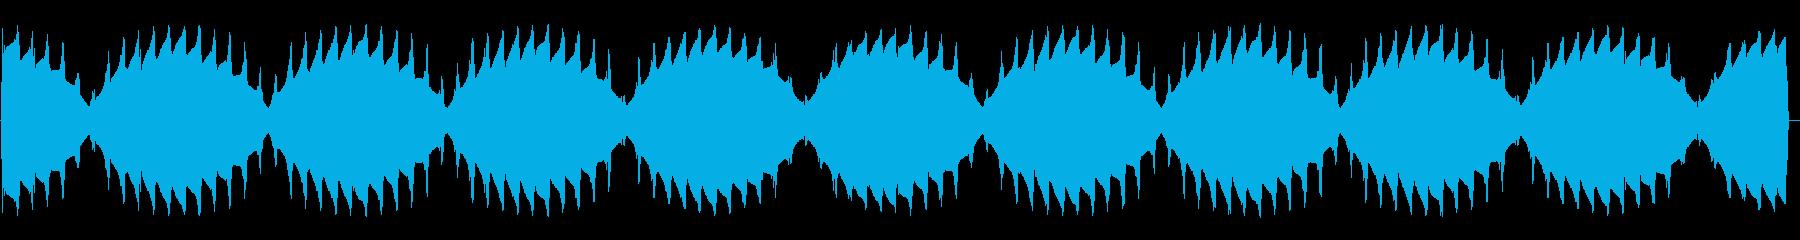 ウィーンプルプル(ワープエンジン音)の再生済みの波形